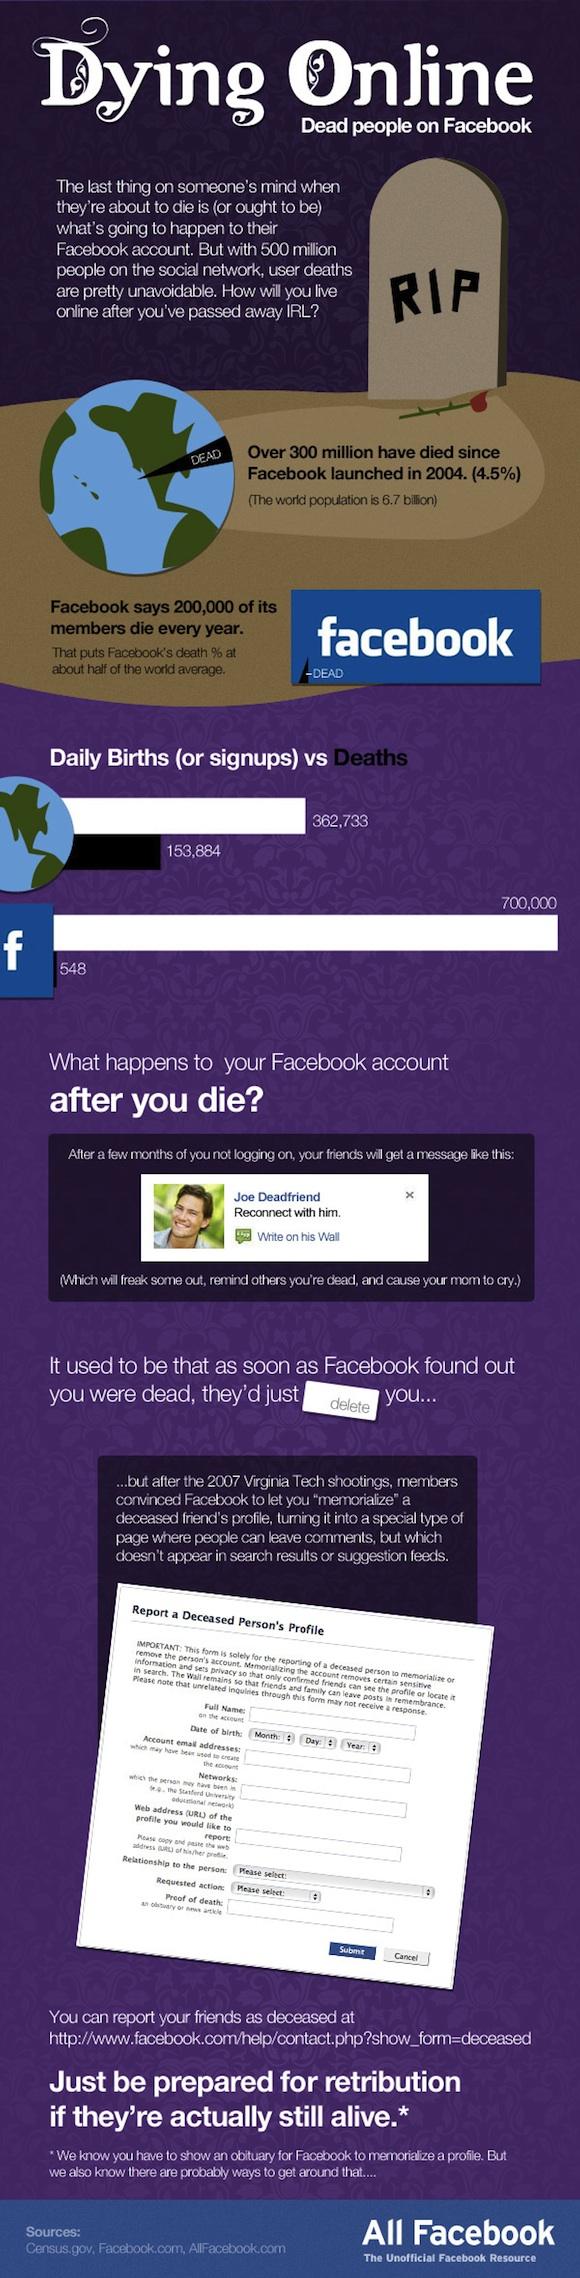 ¿Qué pasa con Facebook cuando moris?